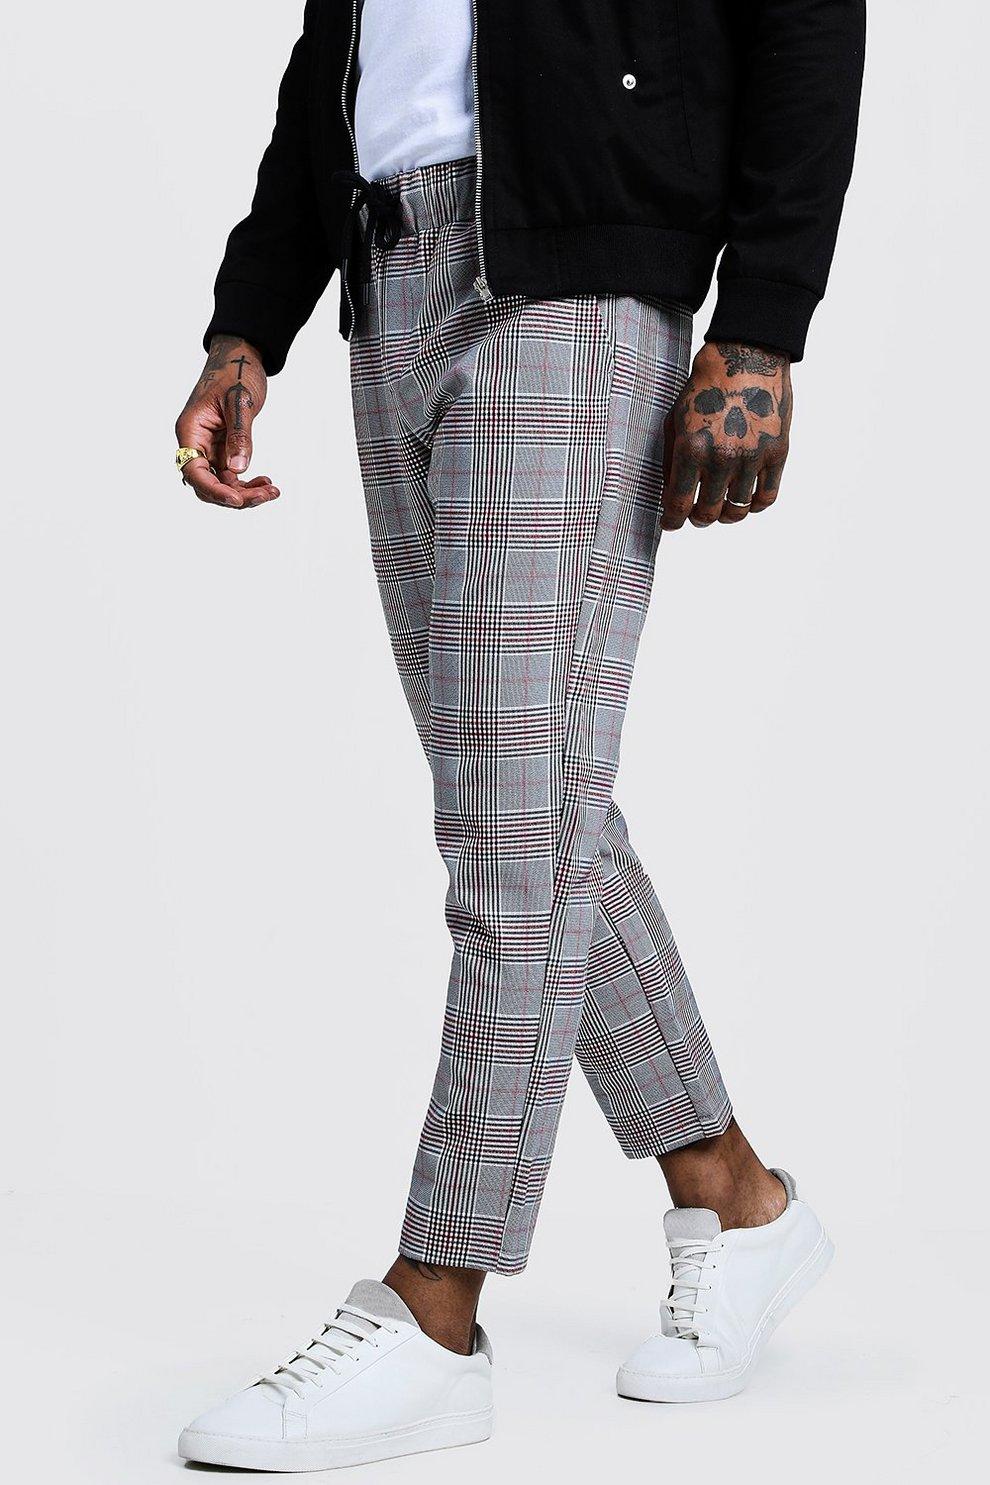 c6981e59d5 Pantaloni tuta eleganti a pinocchietto con motivo a quadri e ...